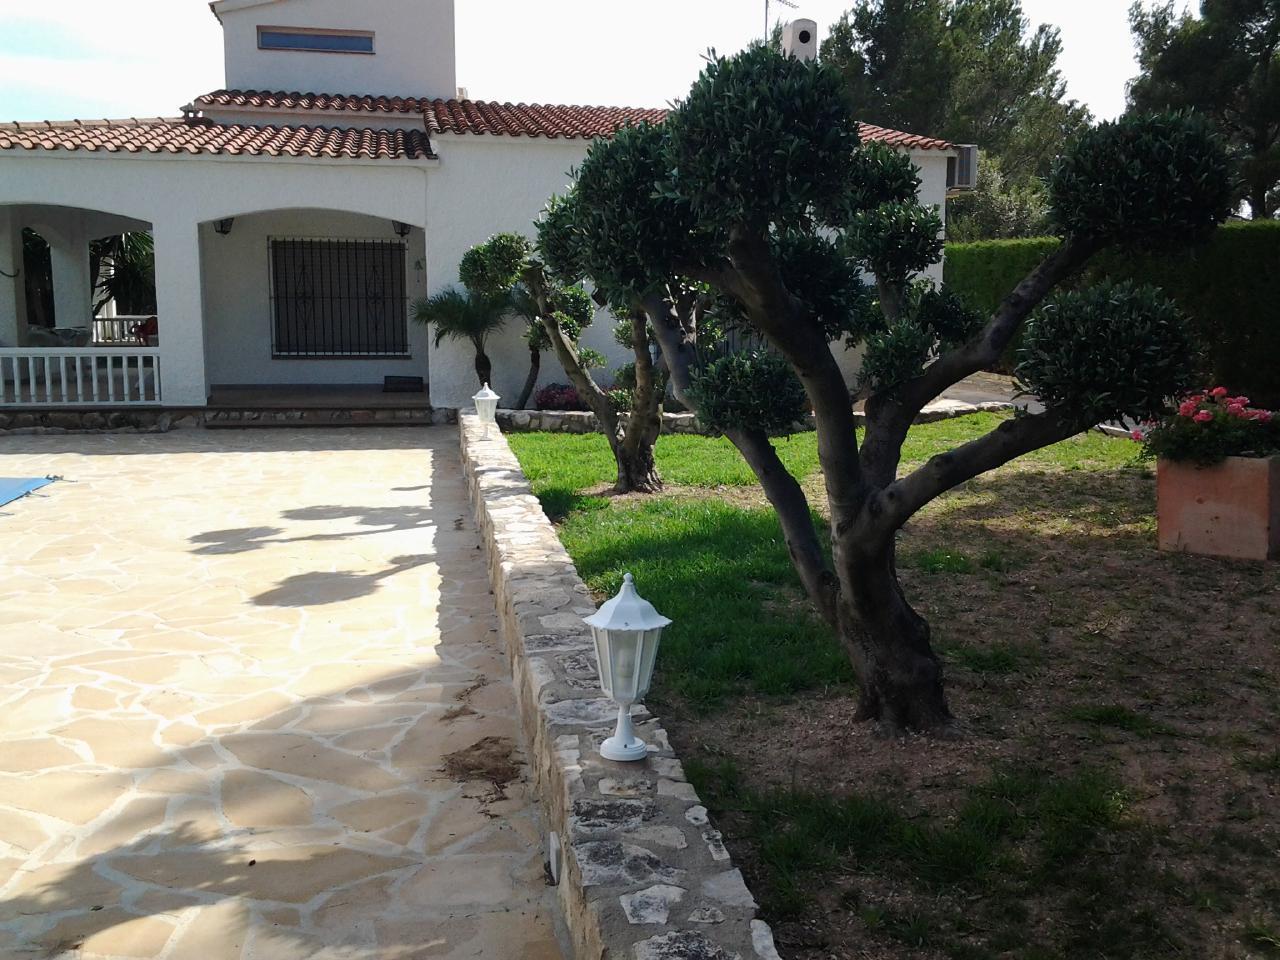 Ferienhaus Wunderschönes Ferienhaus, 800m vom Meer entfernt (877348), L'Ametlla de Mar, Costa Dorada, Katalonien, Spanien, Bild 18